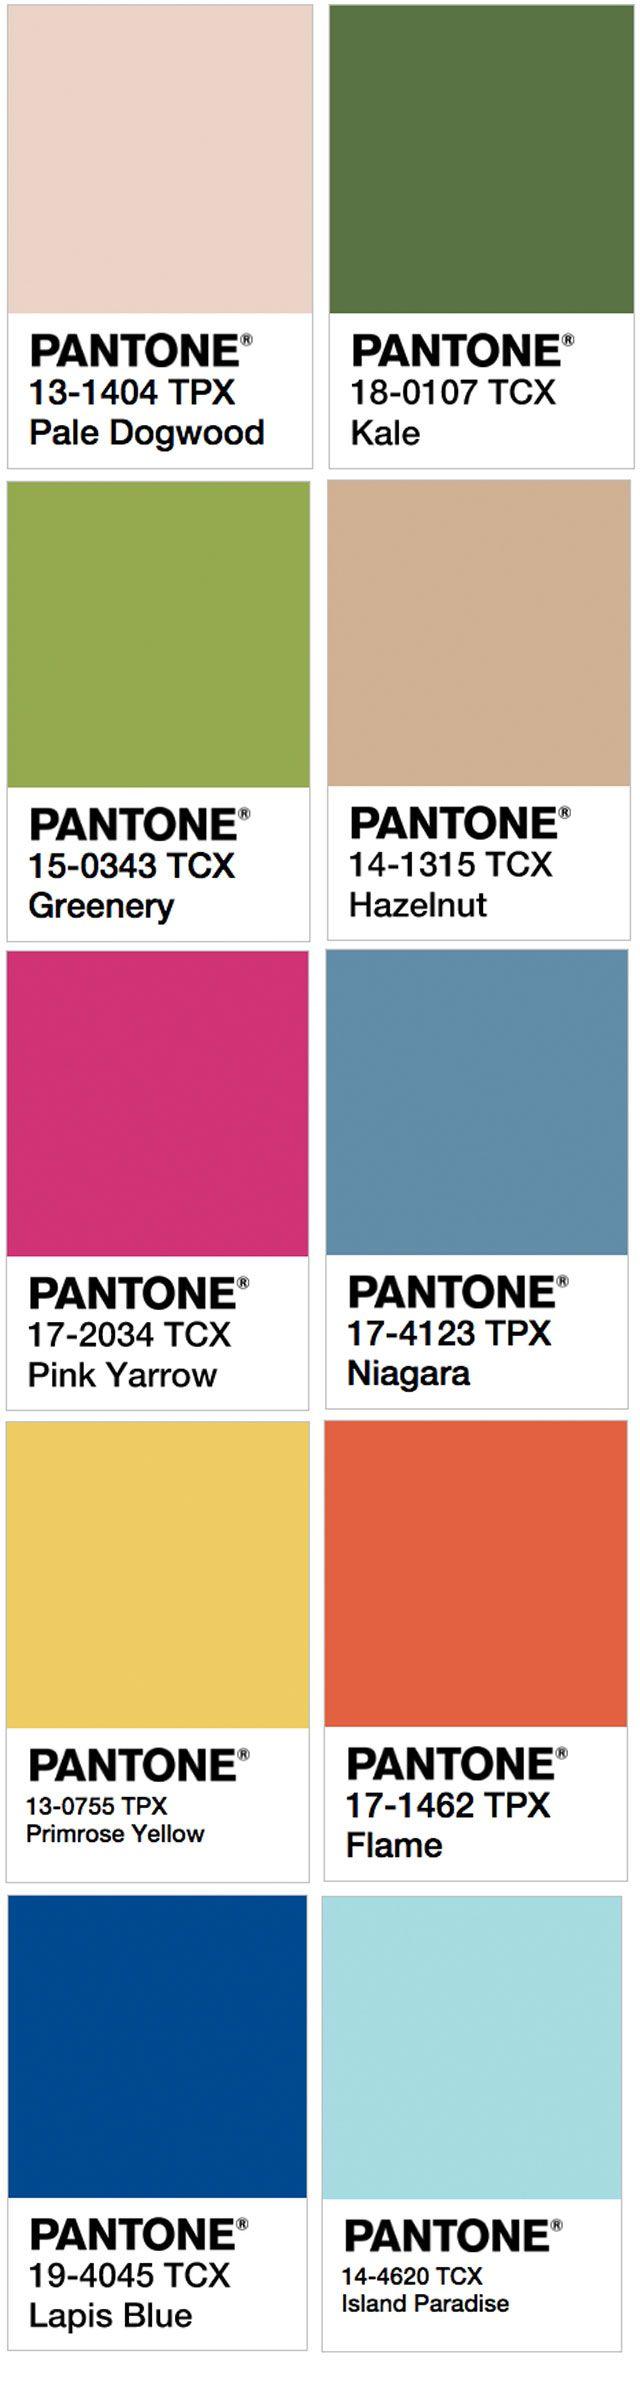 pantone-colour-trend-2017